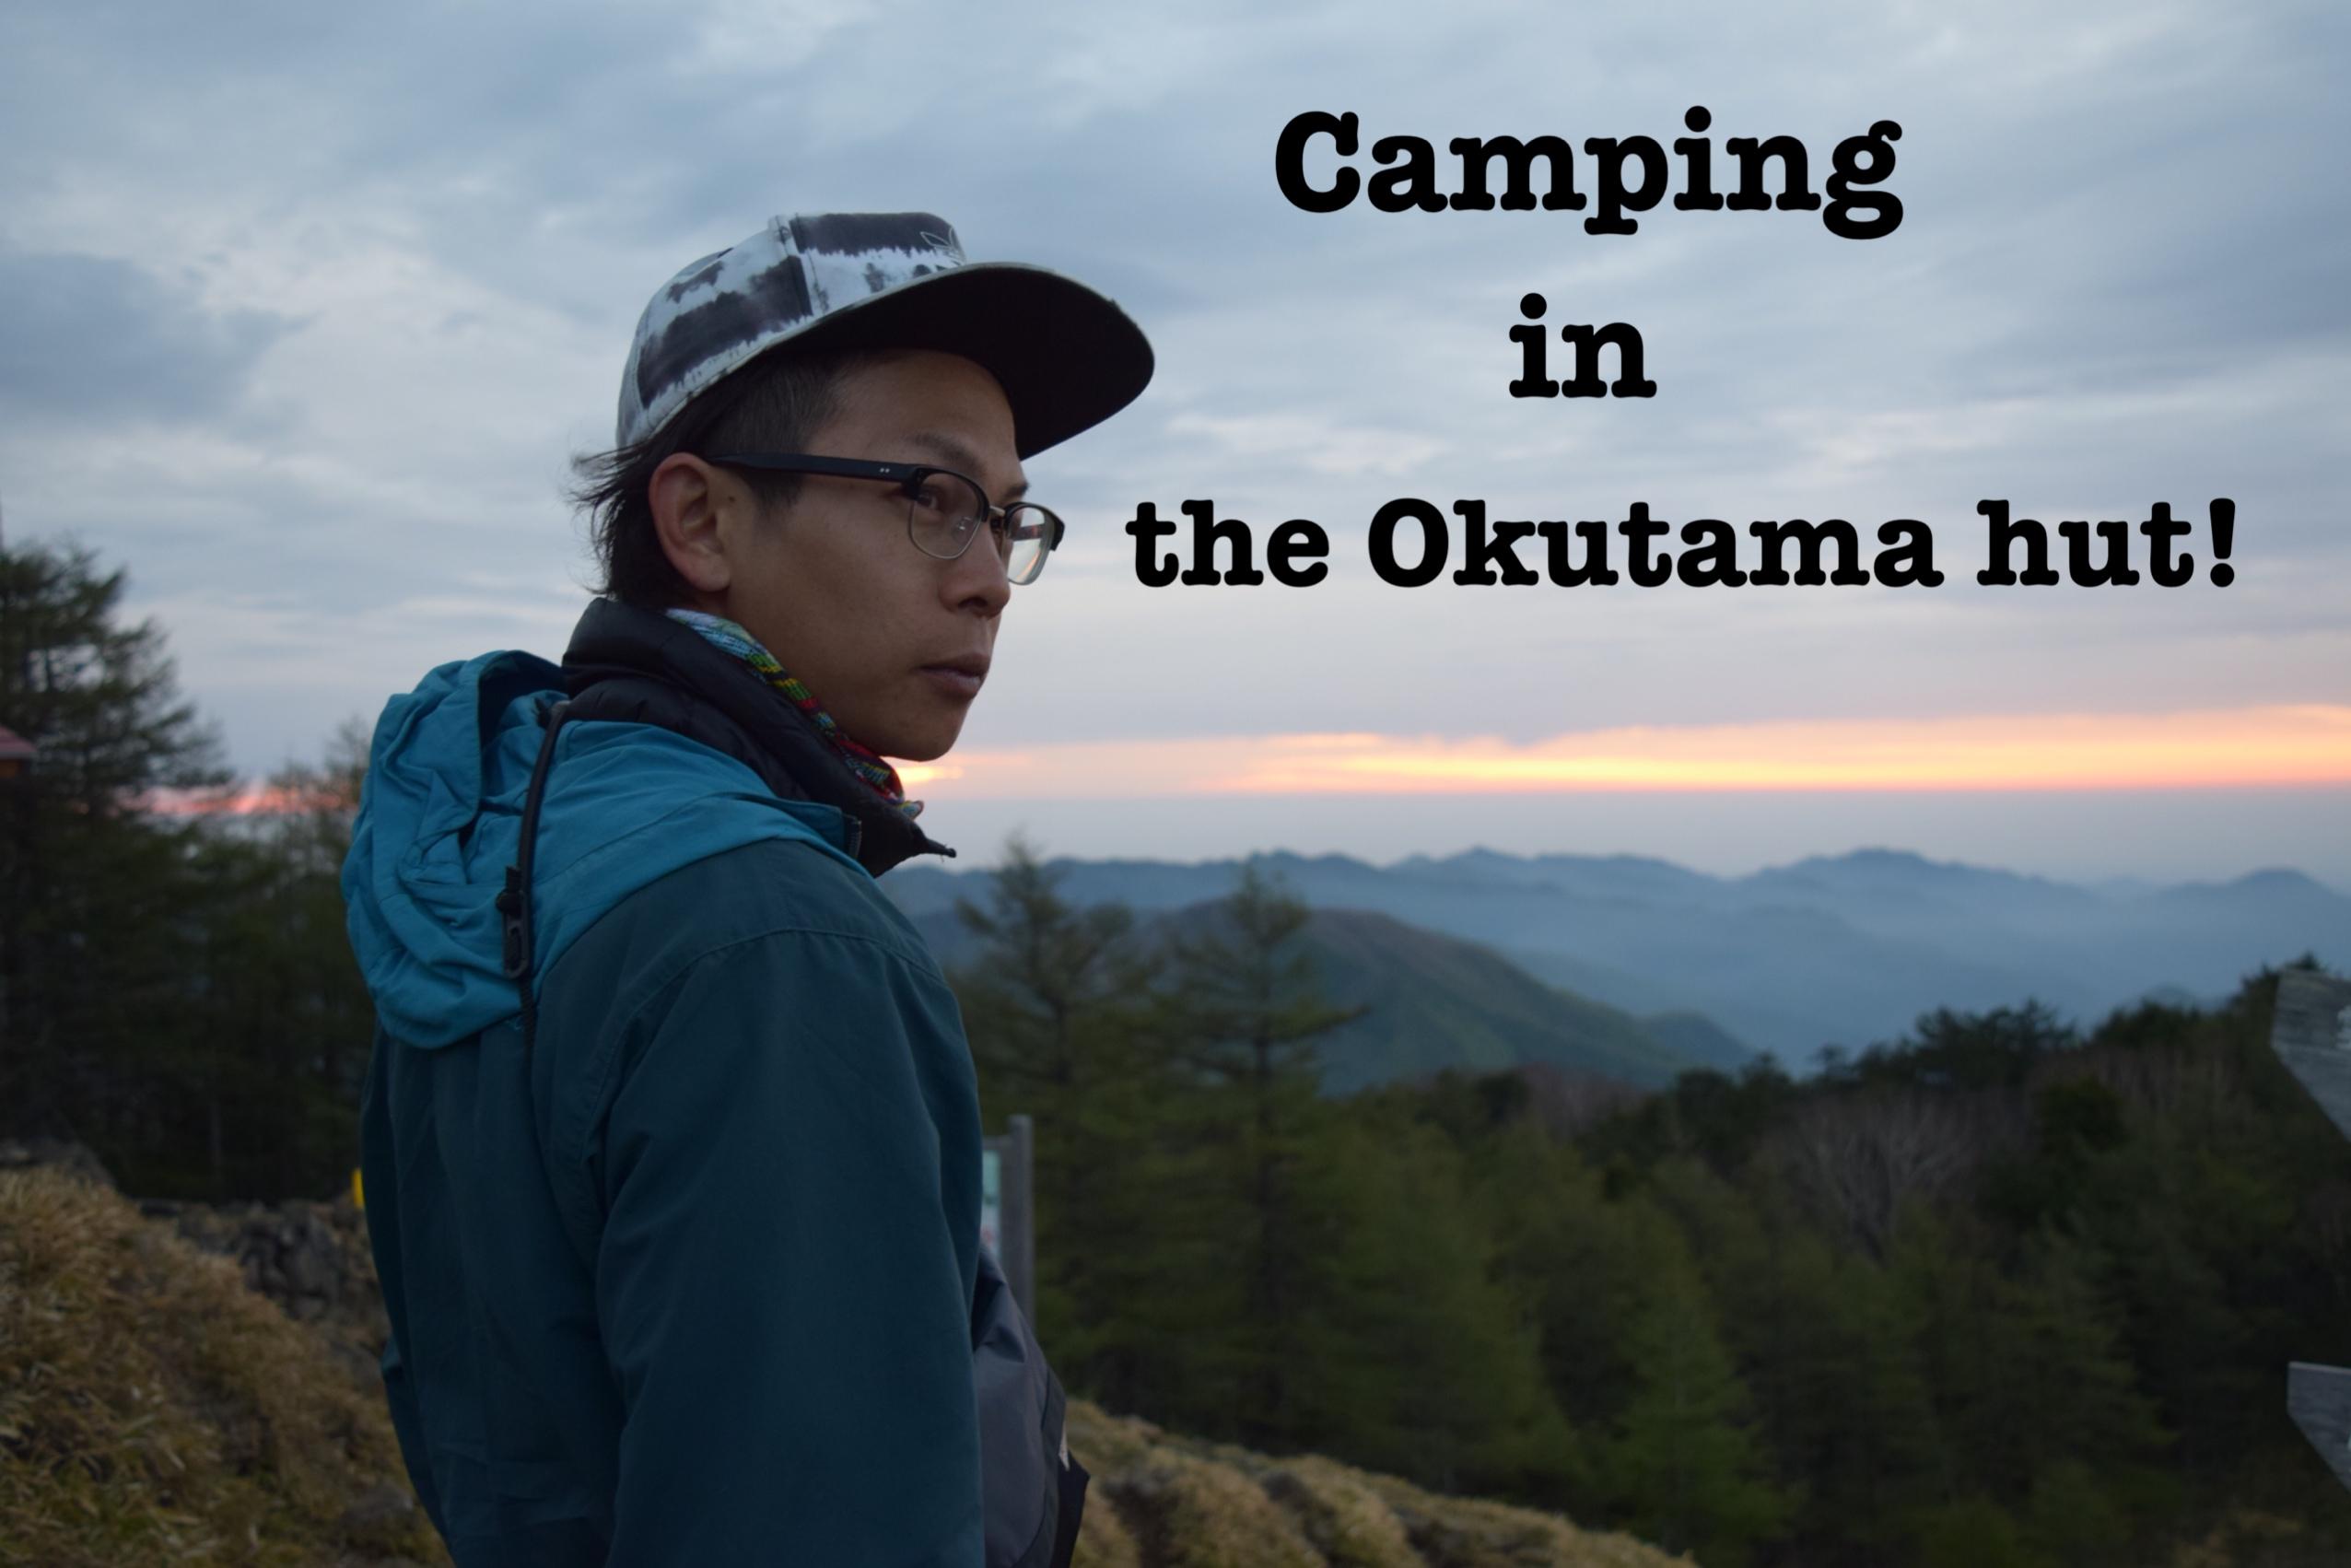 【山の旅】鴨沢ピストンで今年で閉鎖の奥多摩小屋でキャンプ!!!(後編)